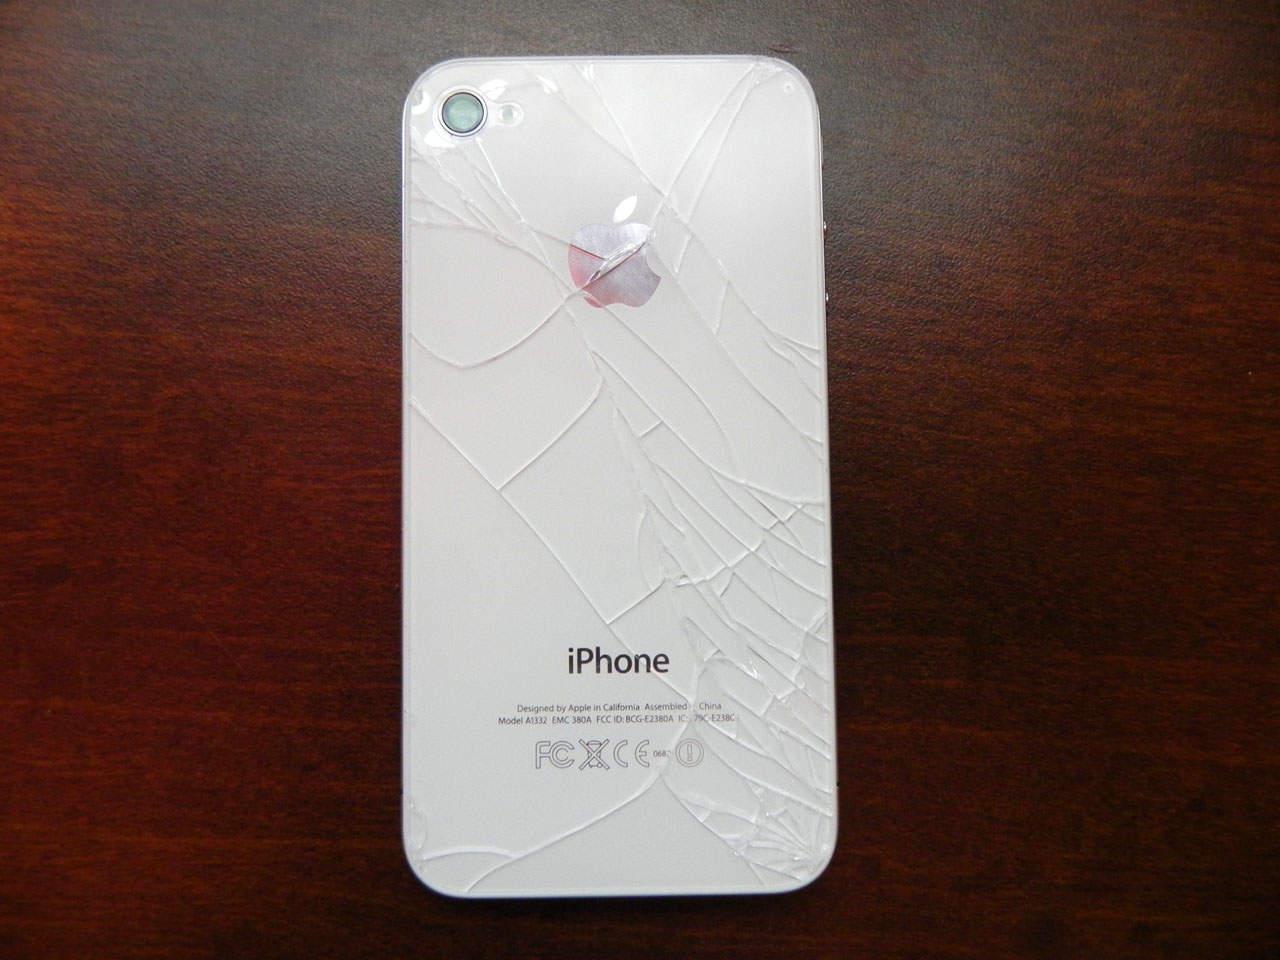 Buy Broken Iphone S